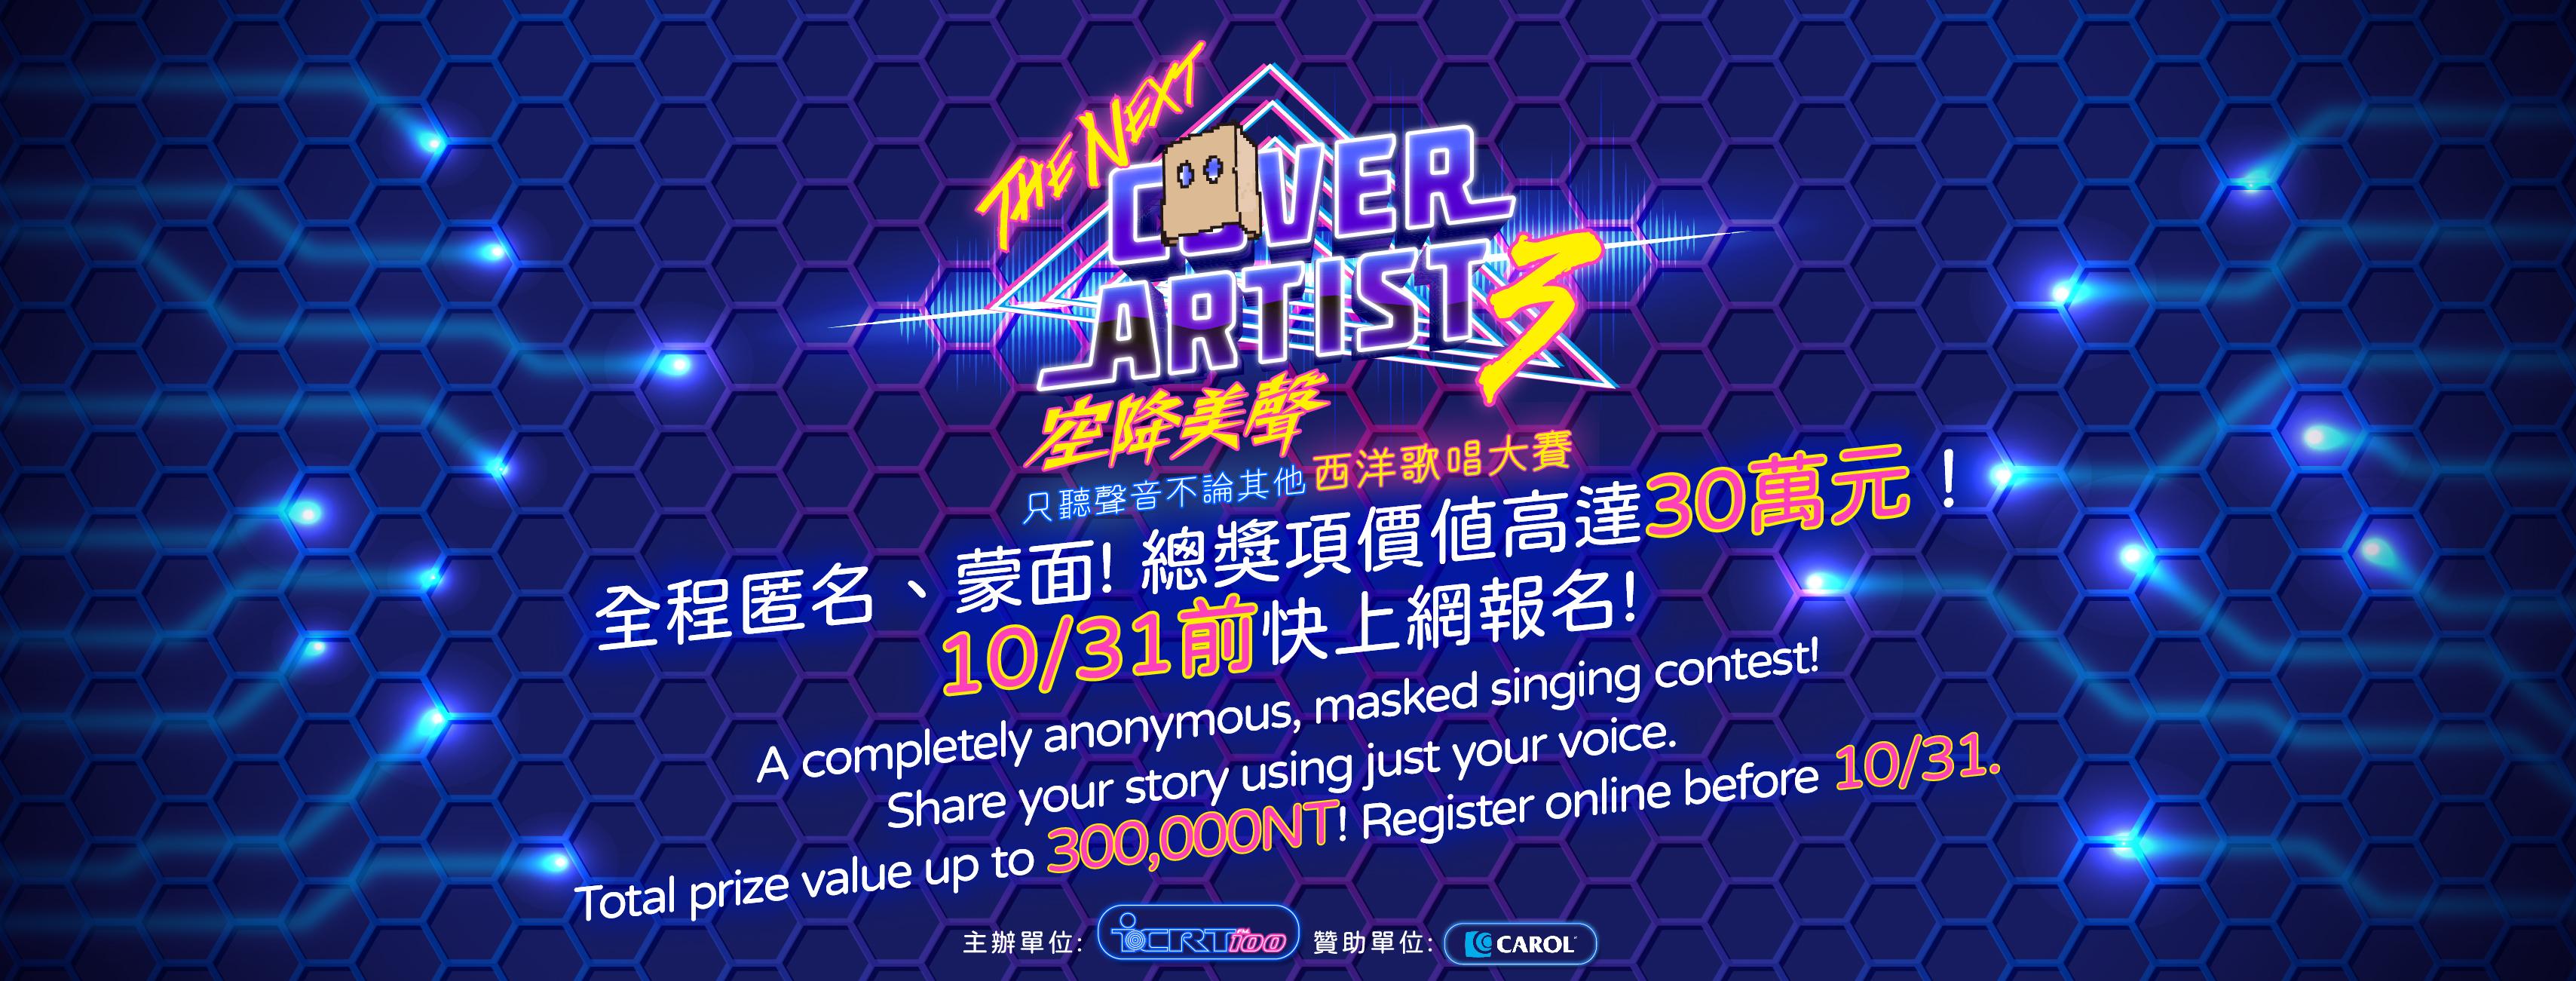 2021第三屆「空降美聲」ICRT The Next Cover Artist 西洋歌唱大賽